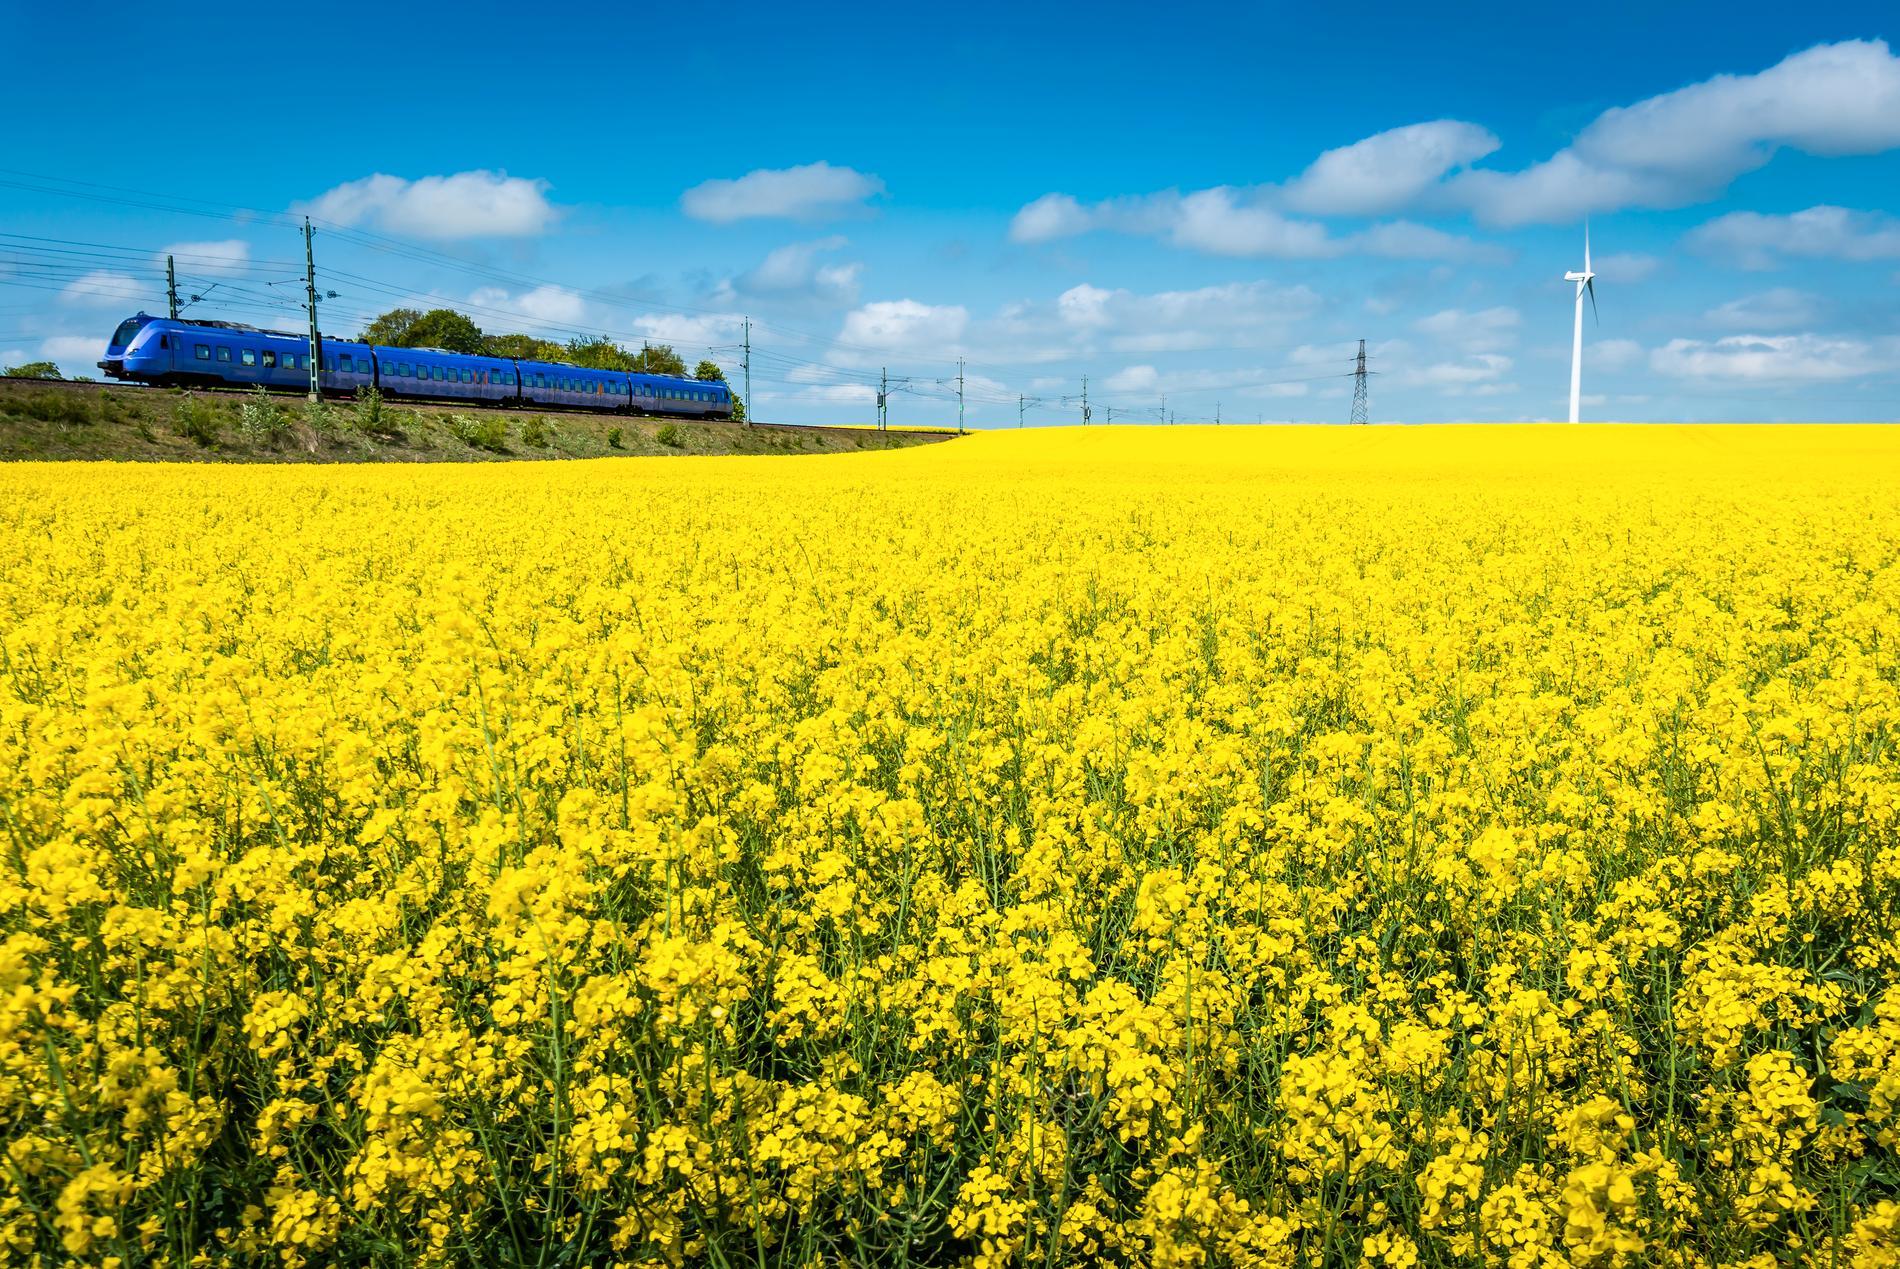 Att tågluffa i södra Sverige kan vara magnifikt.